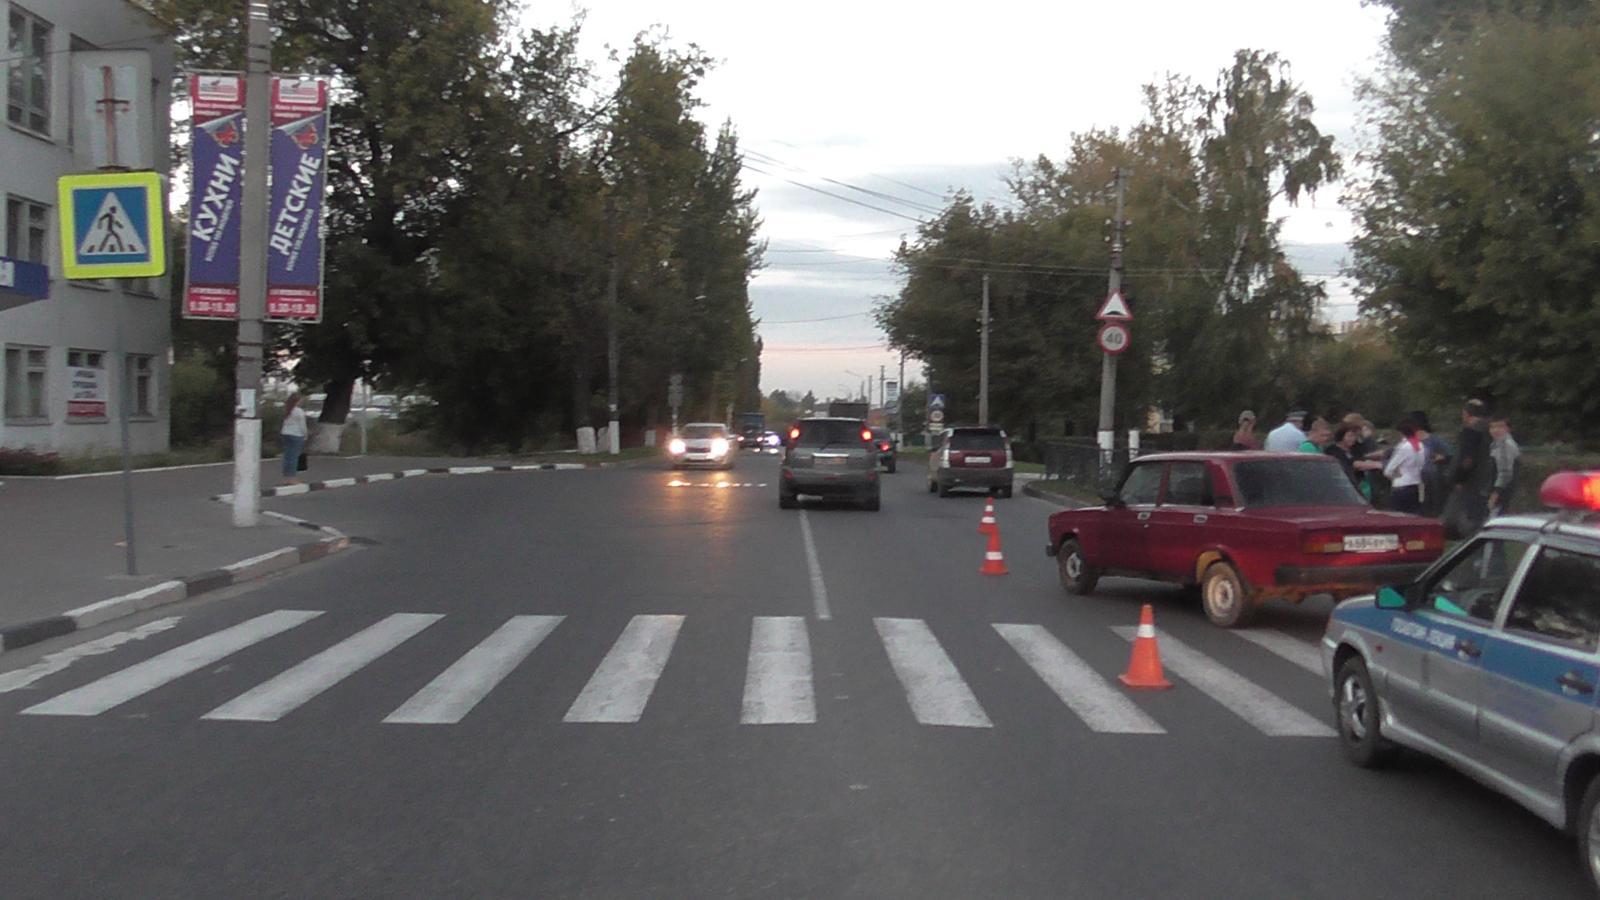 Курск. ребенок наВАЗе сбил 2-х пешеходов и удалился